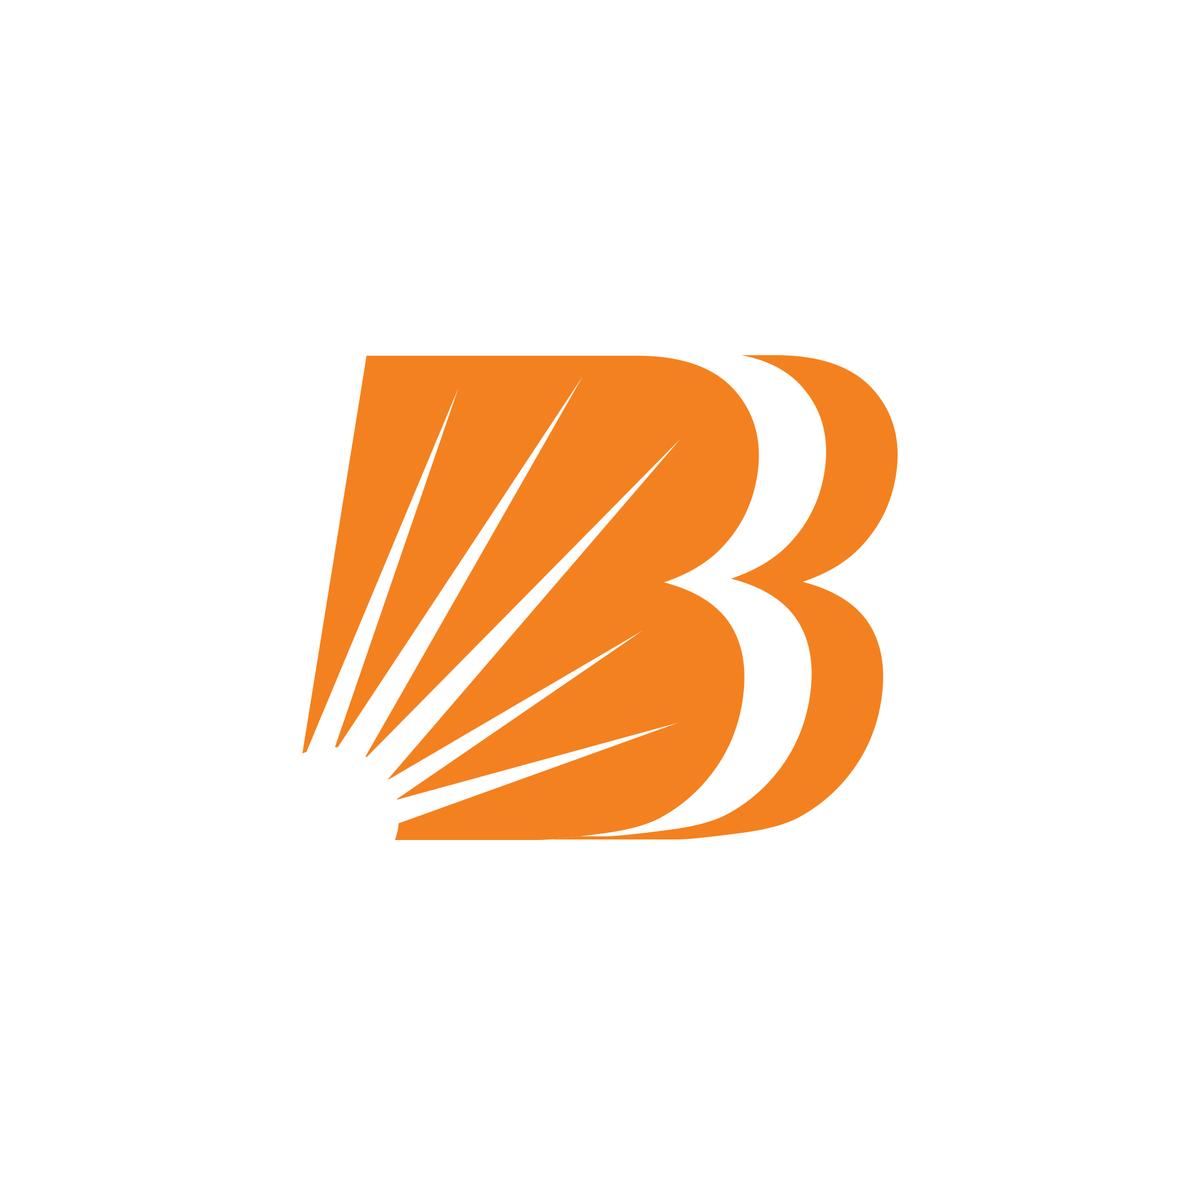 Bank Baroda Logo India Letter B Baroda Text Logo Design